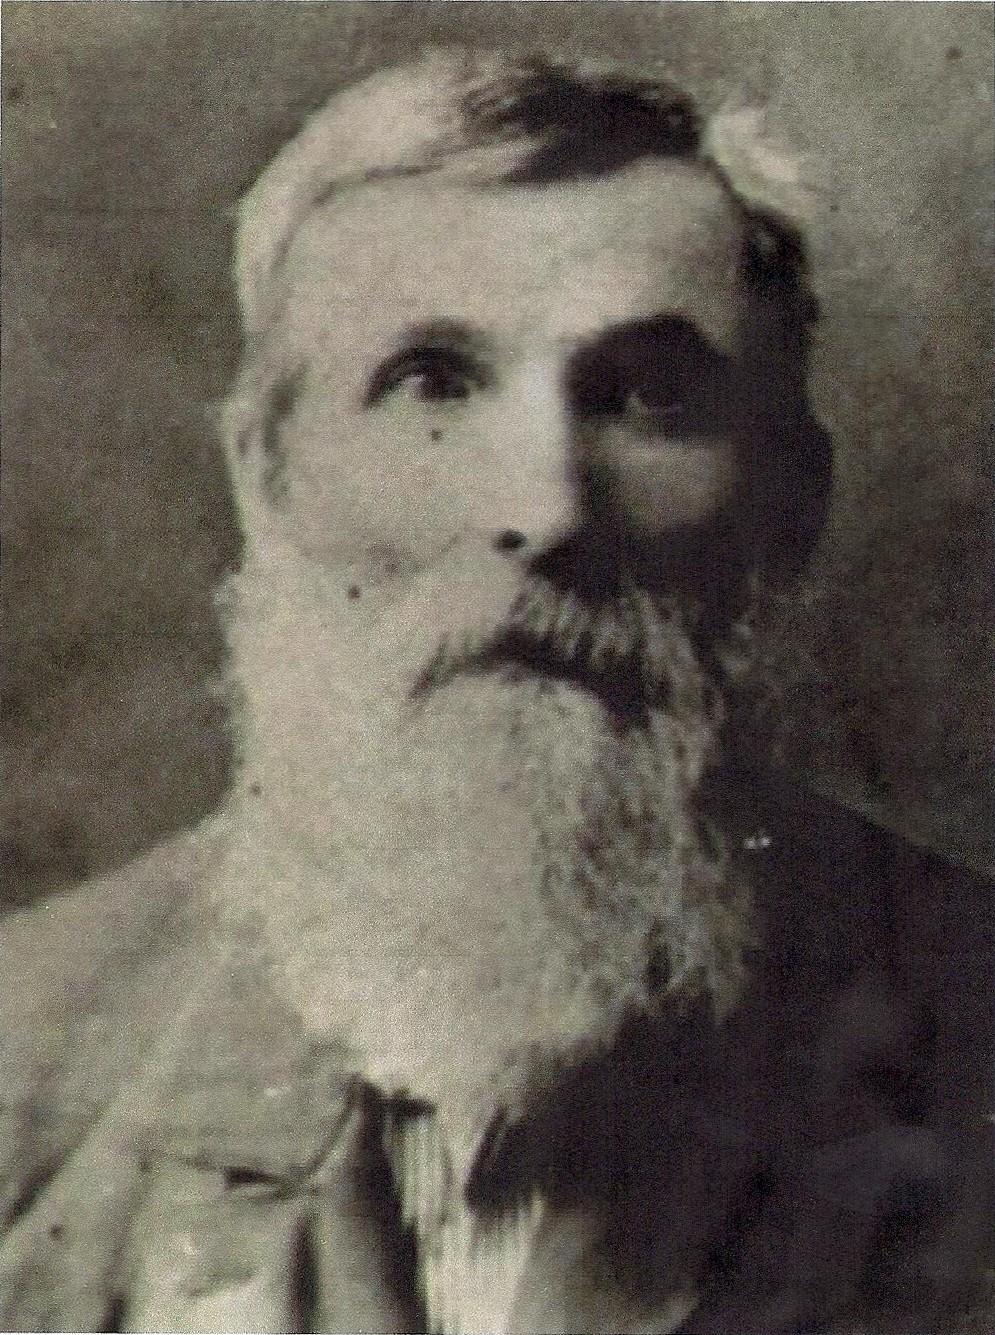 William T Middleton